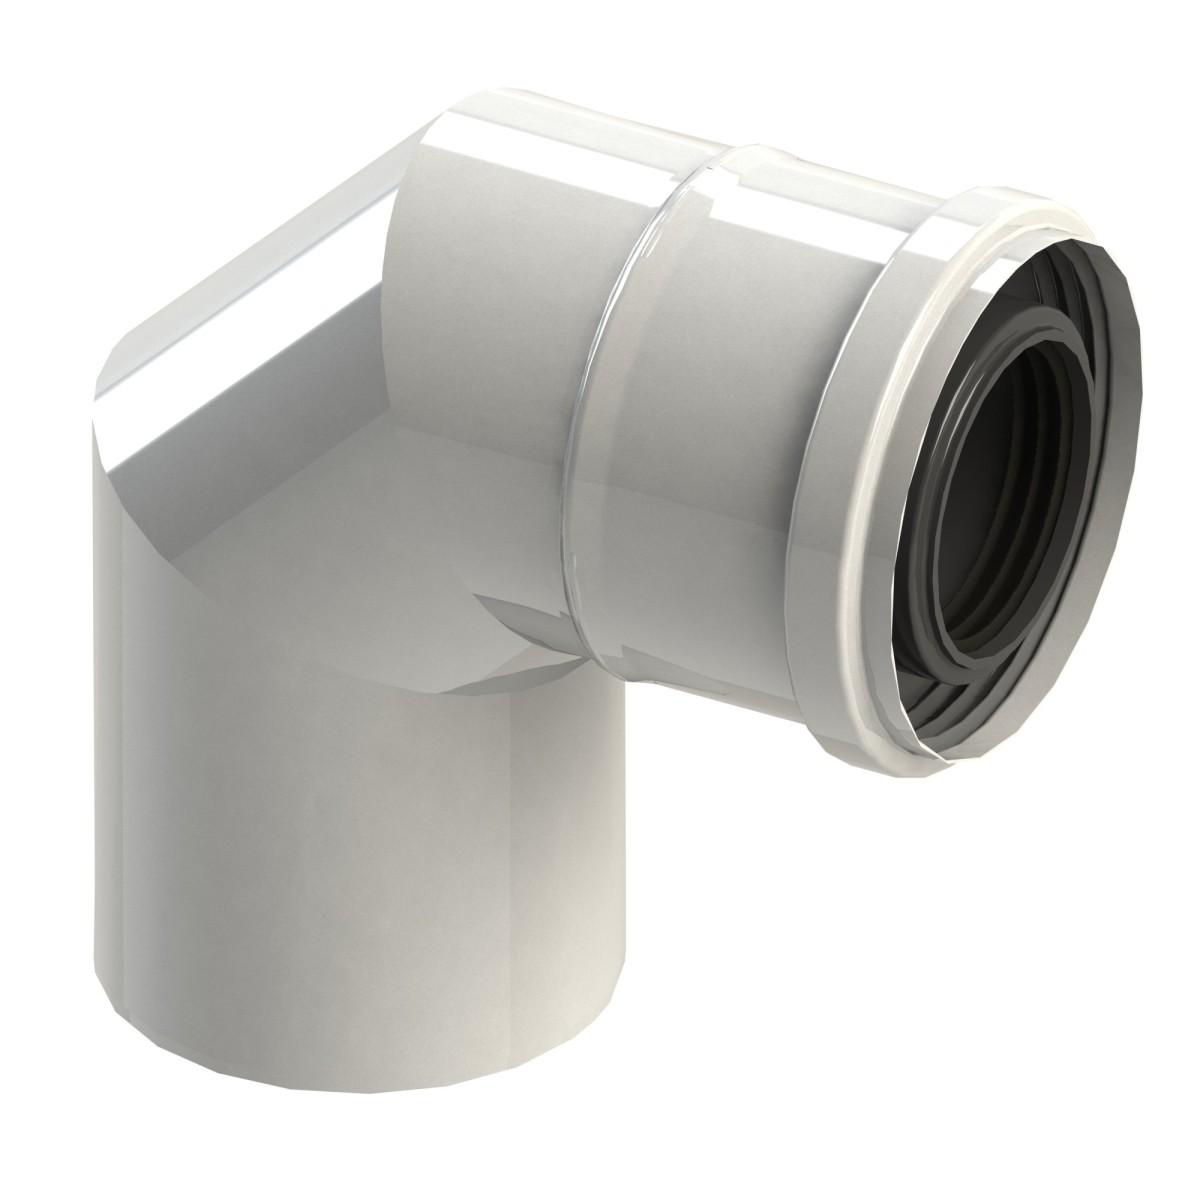 Kolano spalinowe 87° dwuścienne białe, kolano kominowe